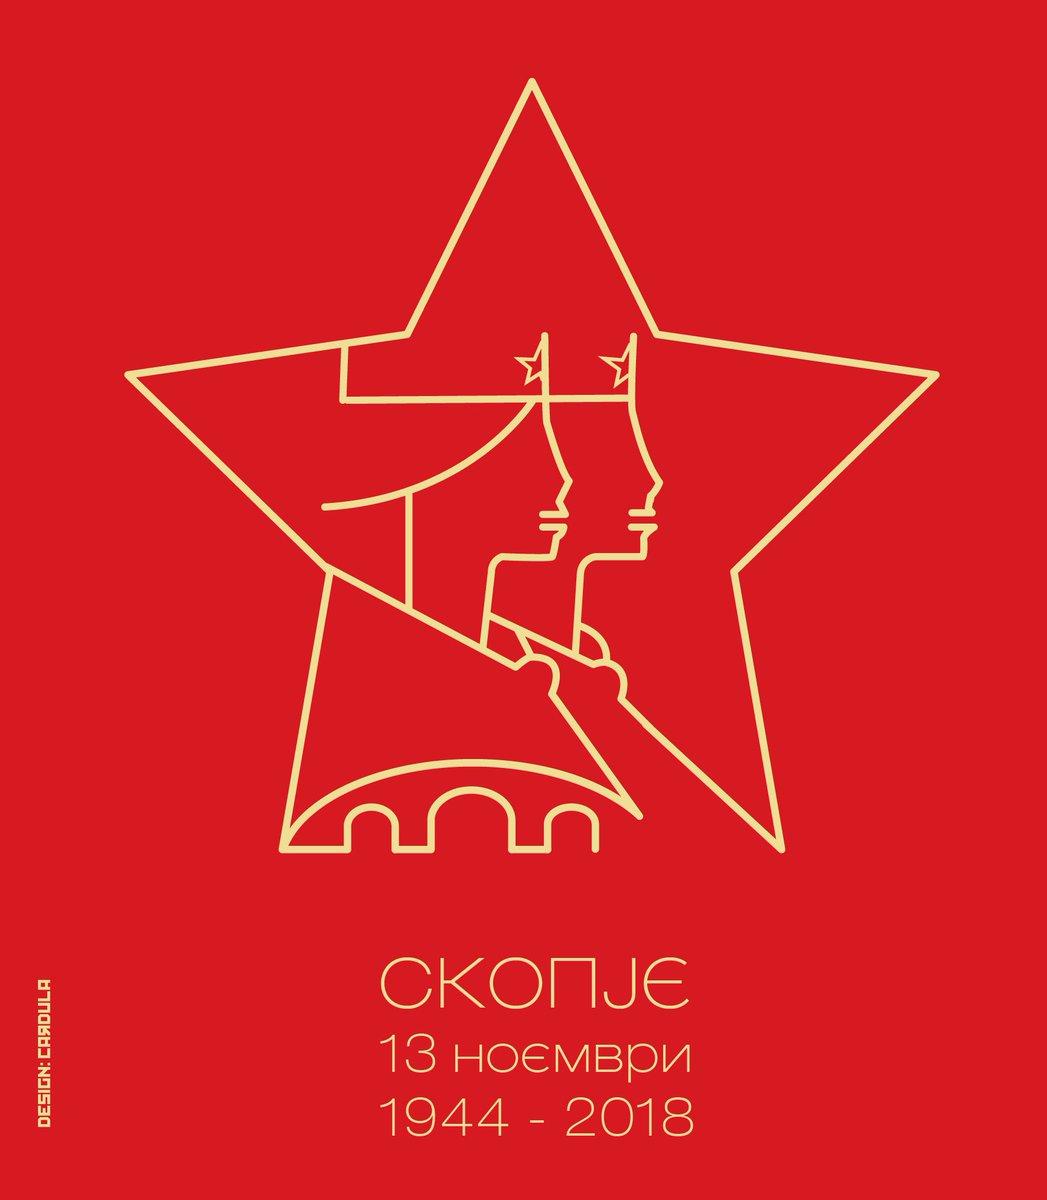 Честито ослободување на Скопје!